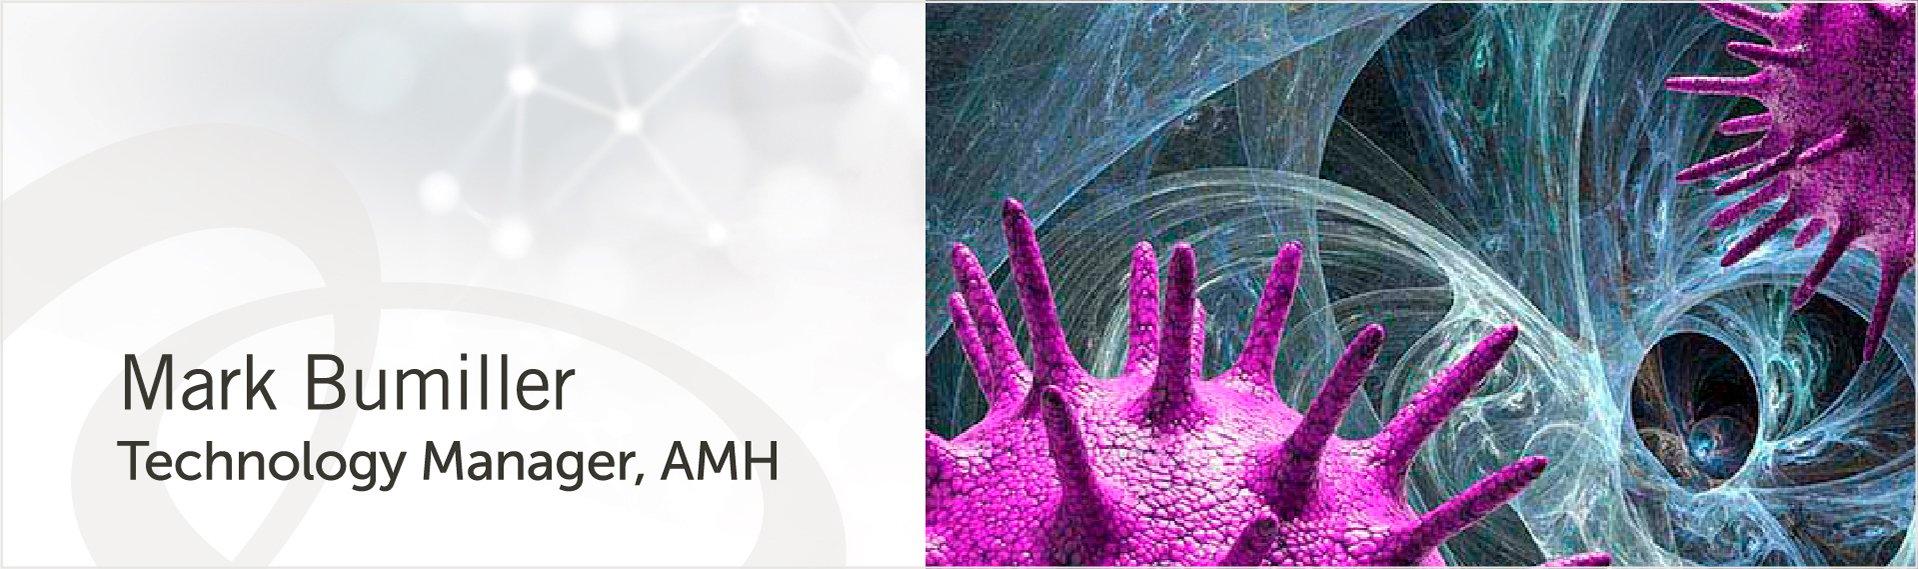 nanoparticles-webinar-hubspot-11457-desktop-1918x568